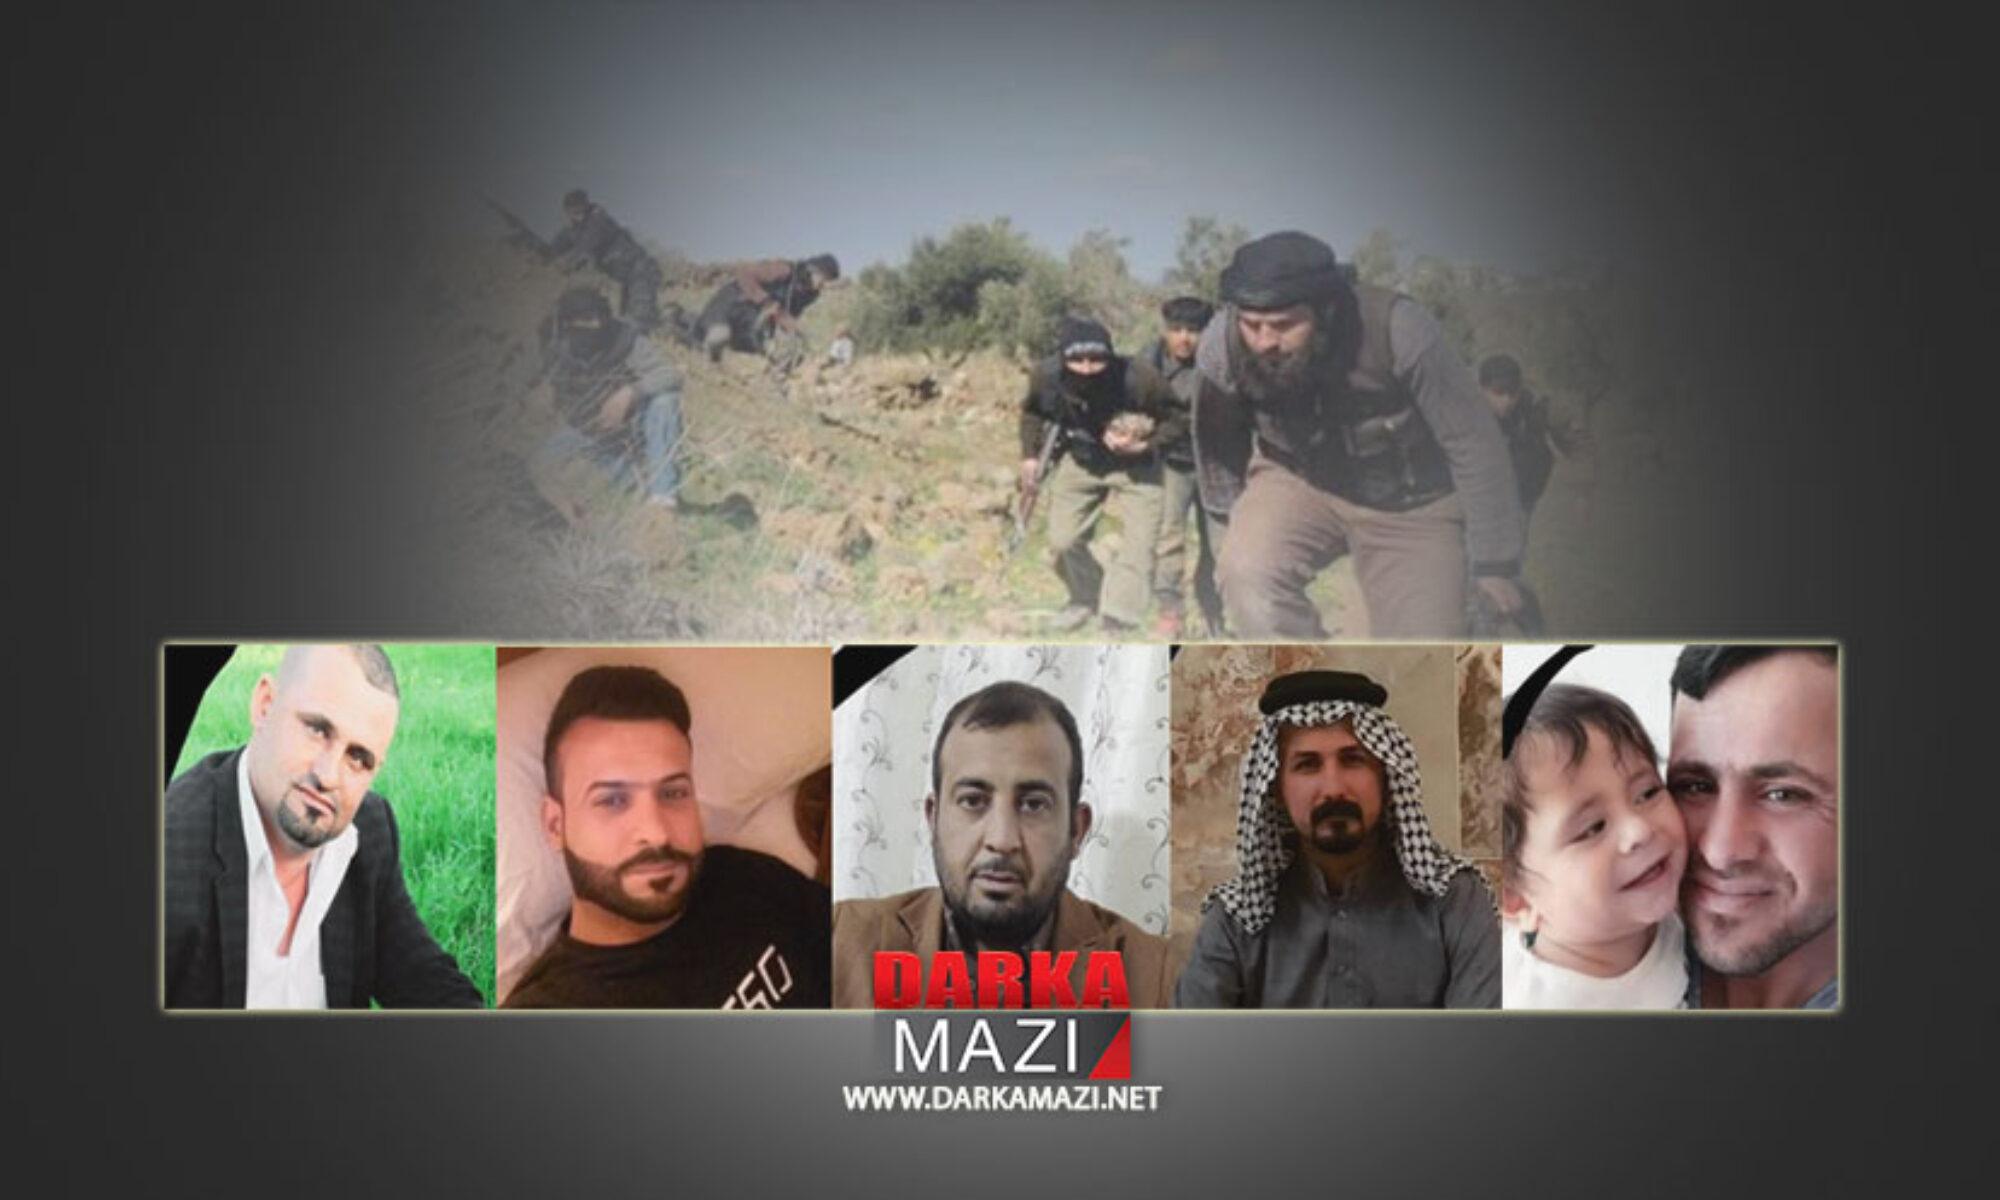 IŞİD, esir aldığı köylüleri kurtarmak isteyen 5 köylüyü katletti